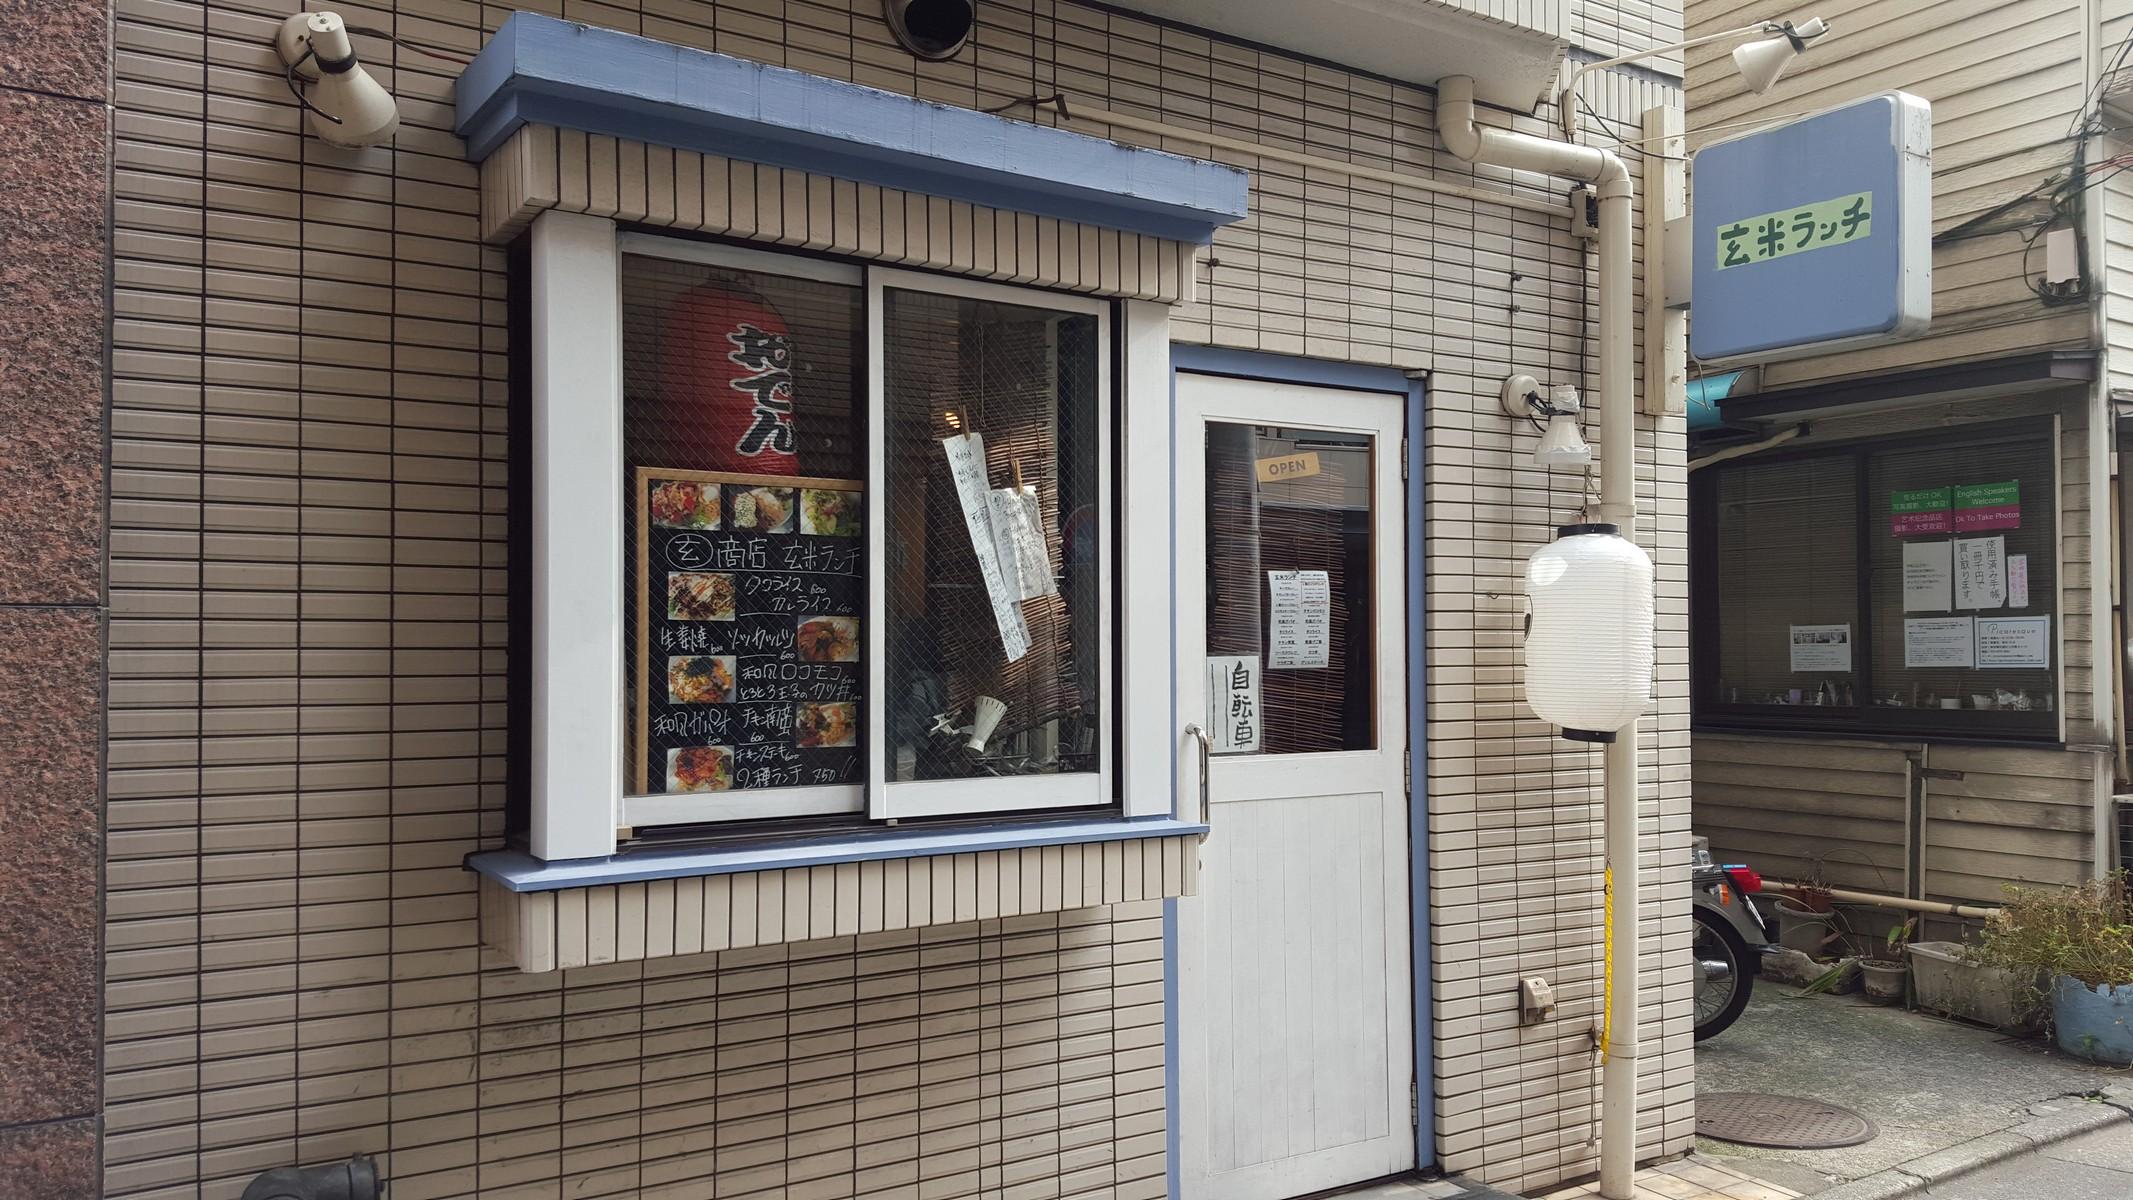 店舗外観【マルゲン商店/中目黒】